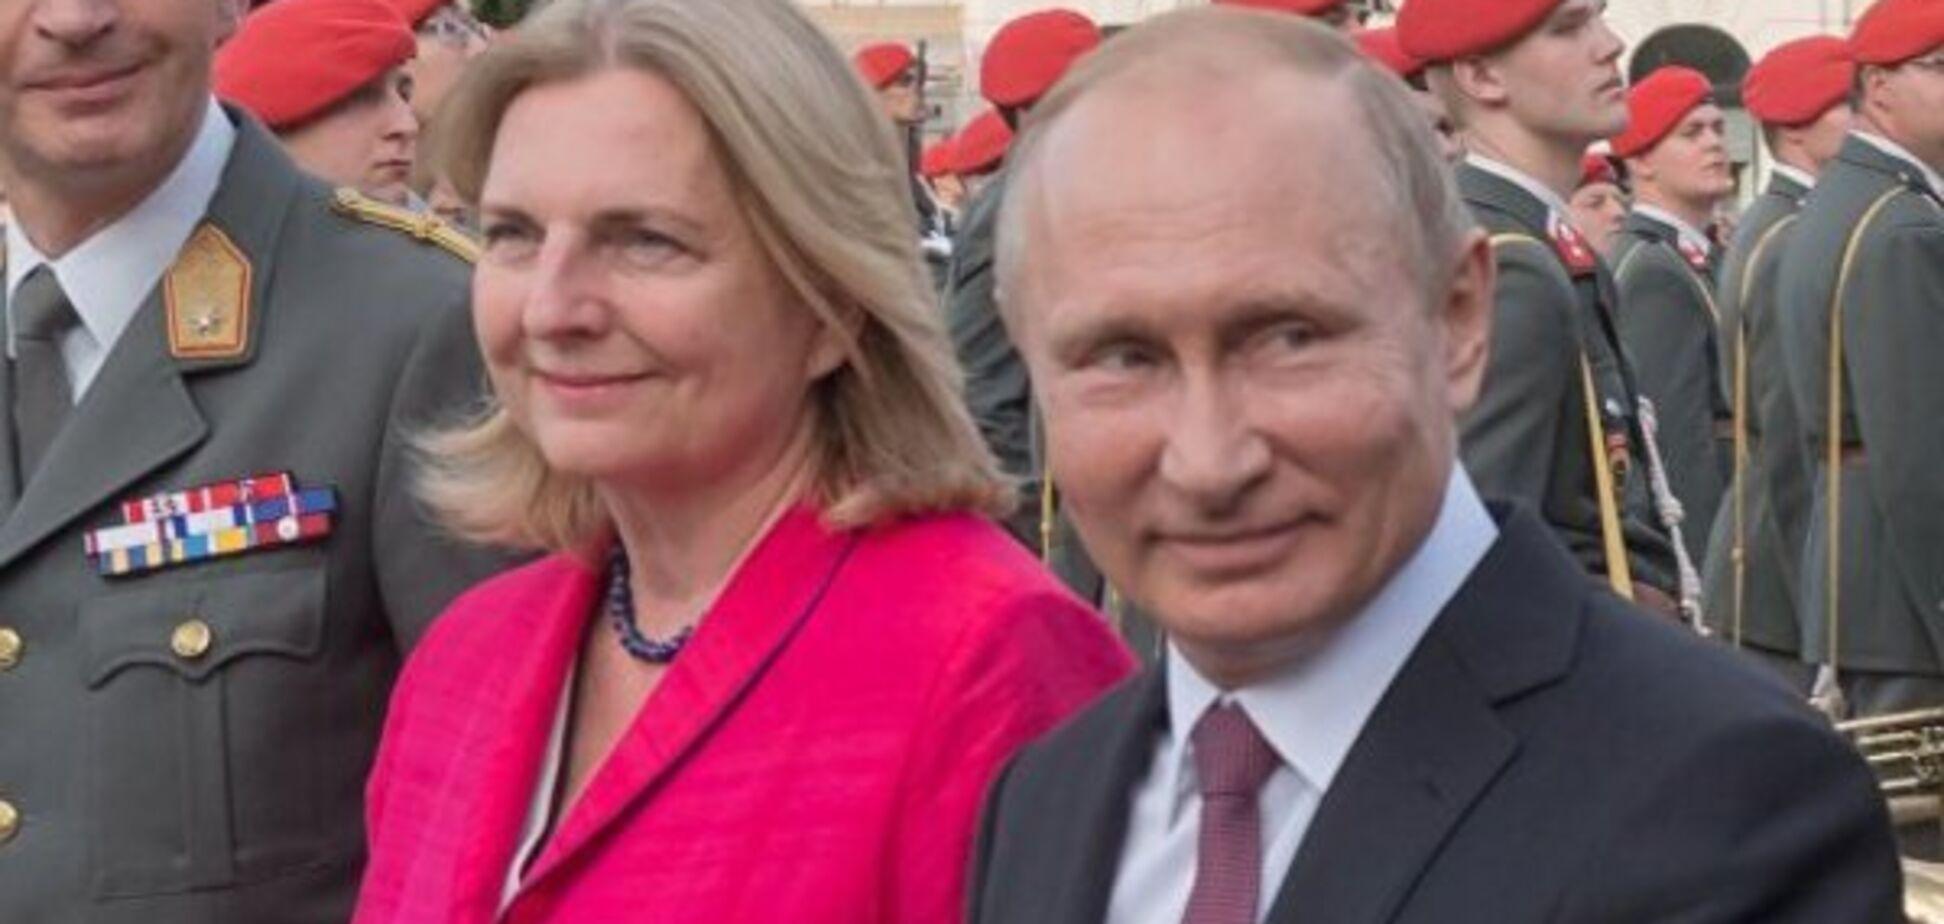 'Расчета не было!' Экс-глава МИД Австрии рассказала, как пригласила Путина на свадьбу